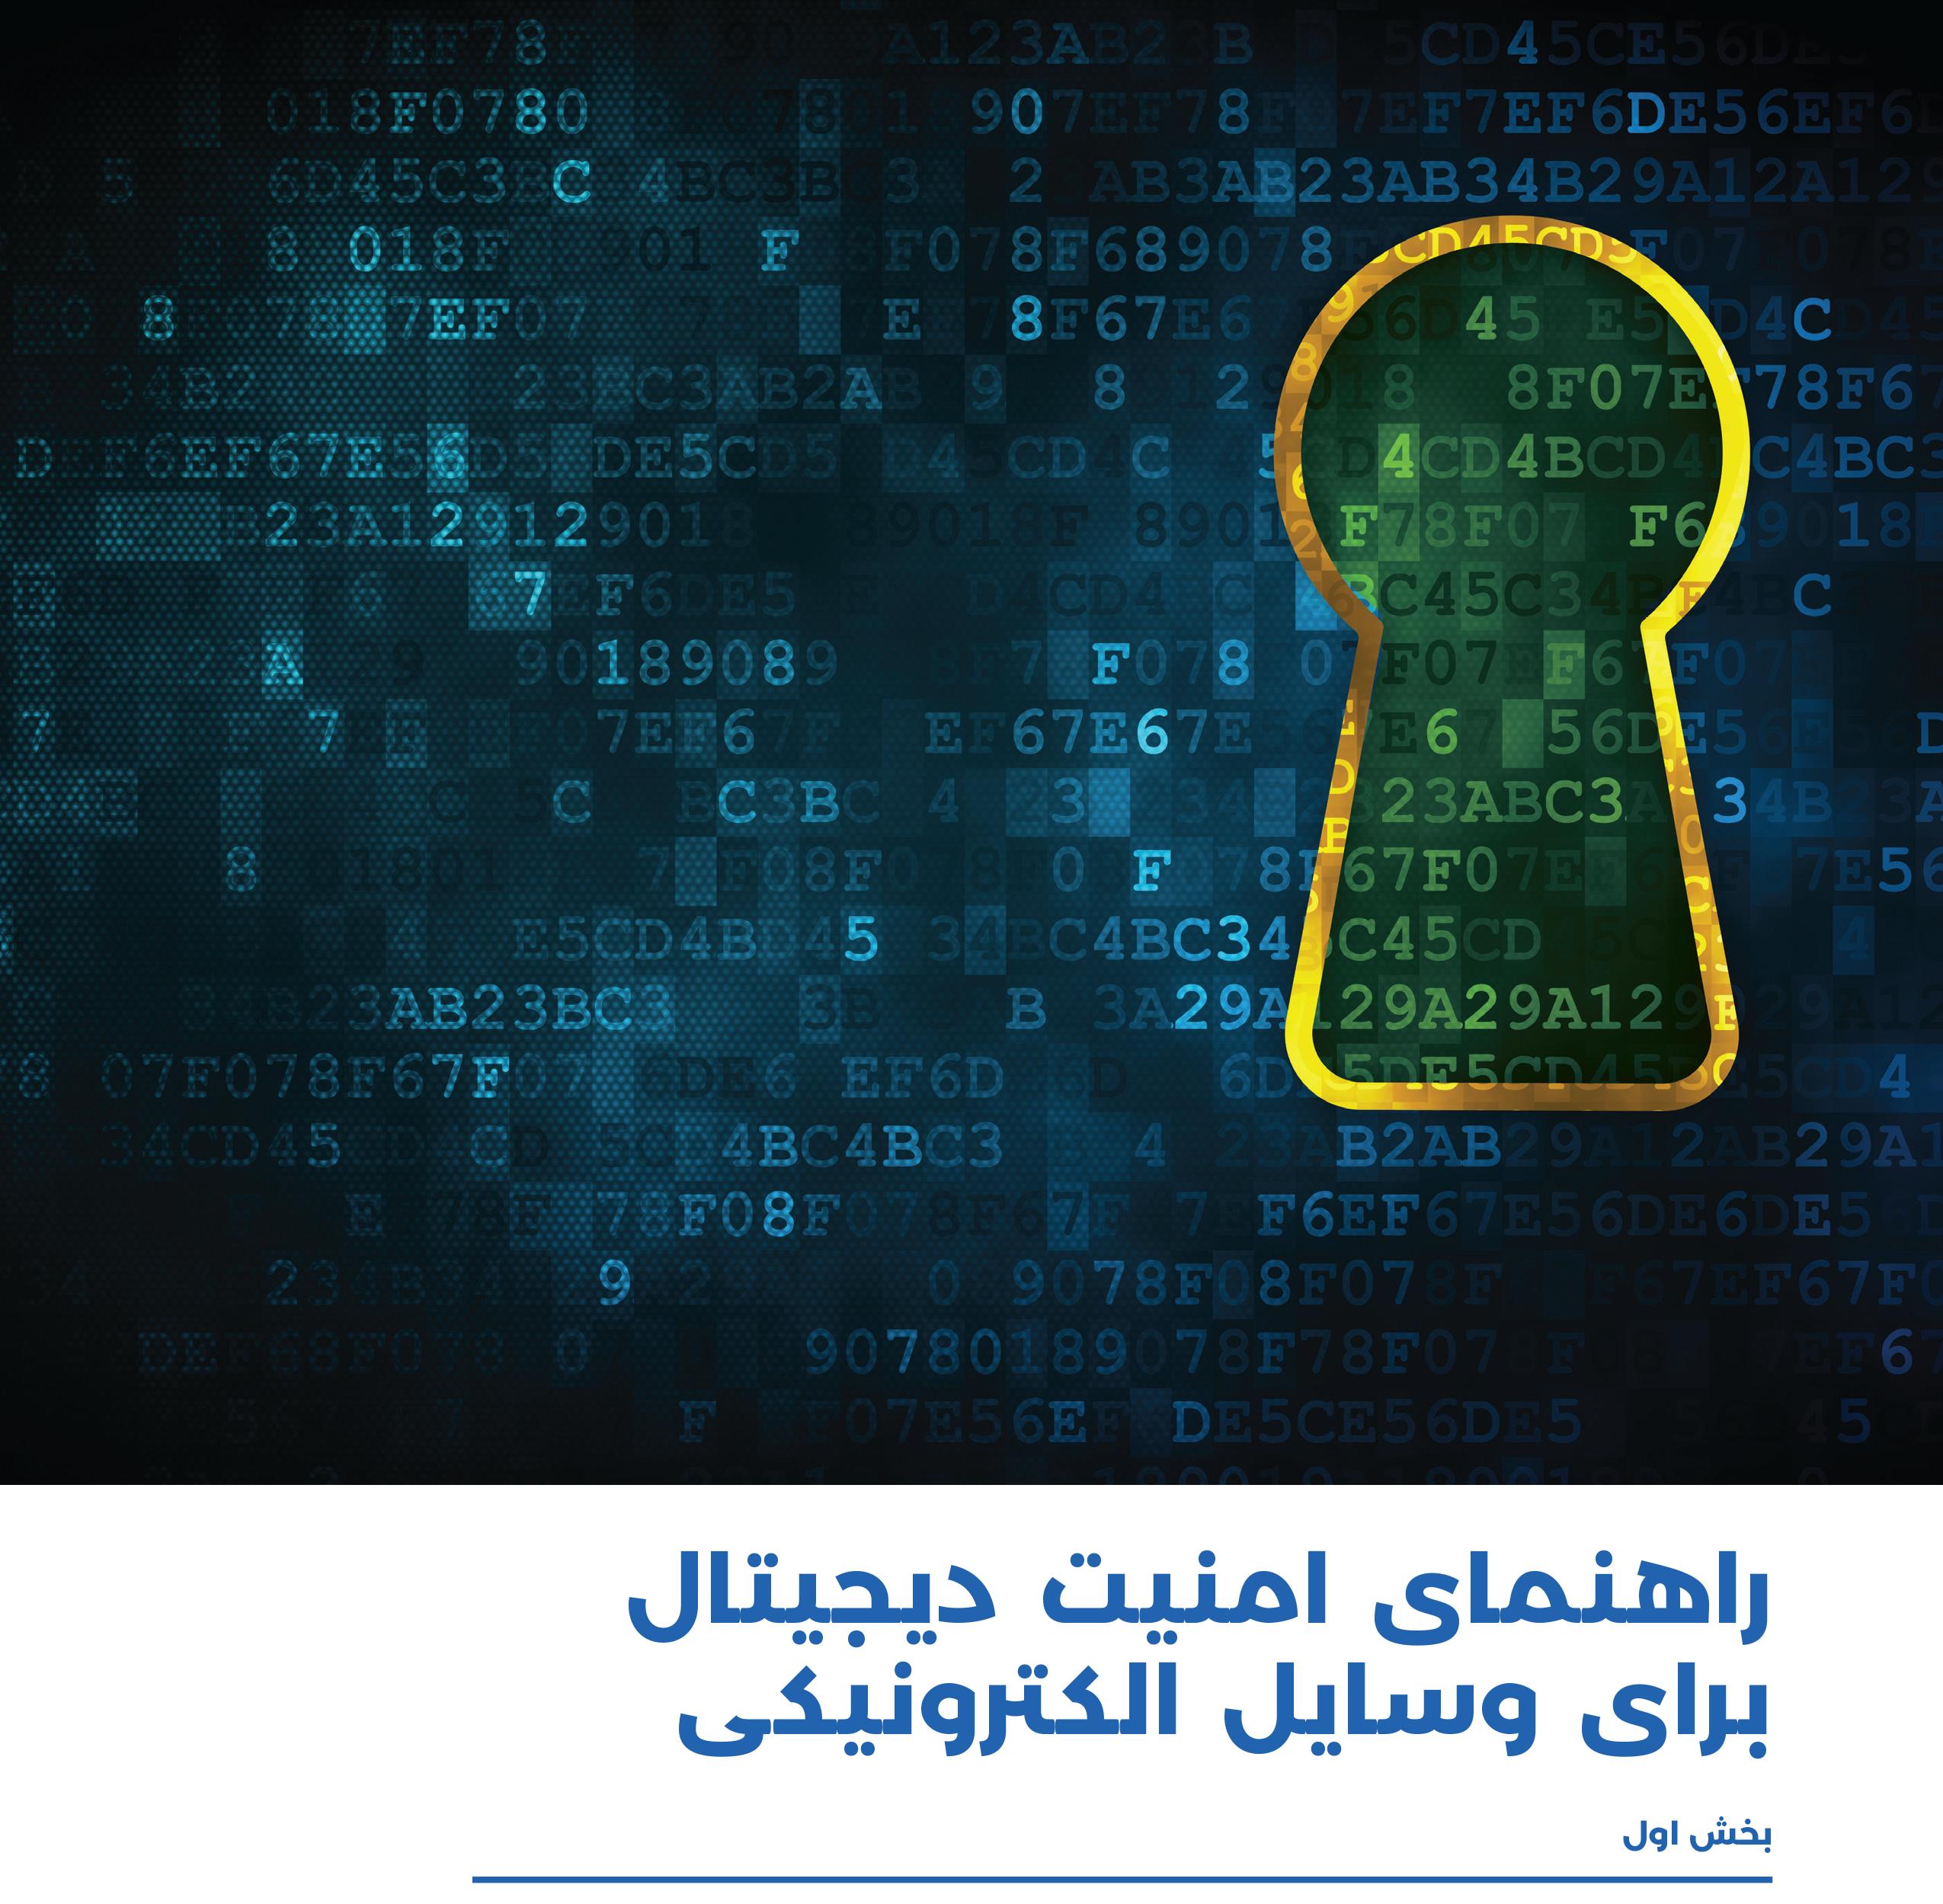 راهنمای امنیت دیجیتال برای وسایل الکترونیکی